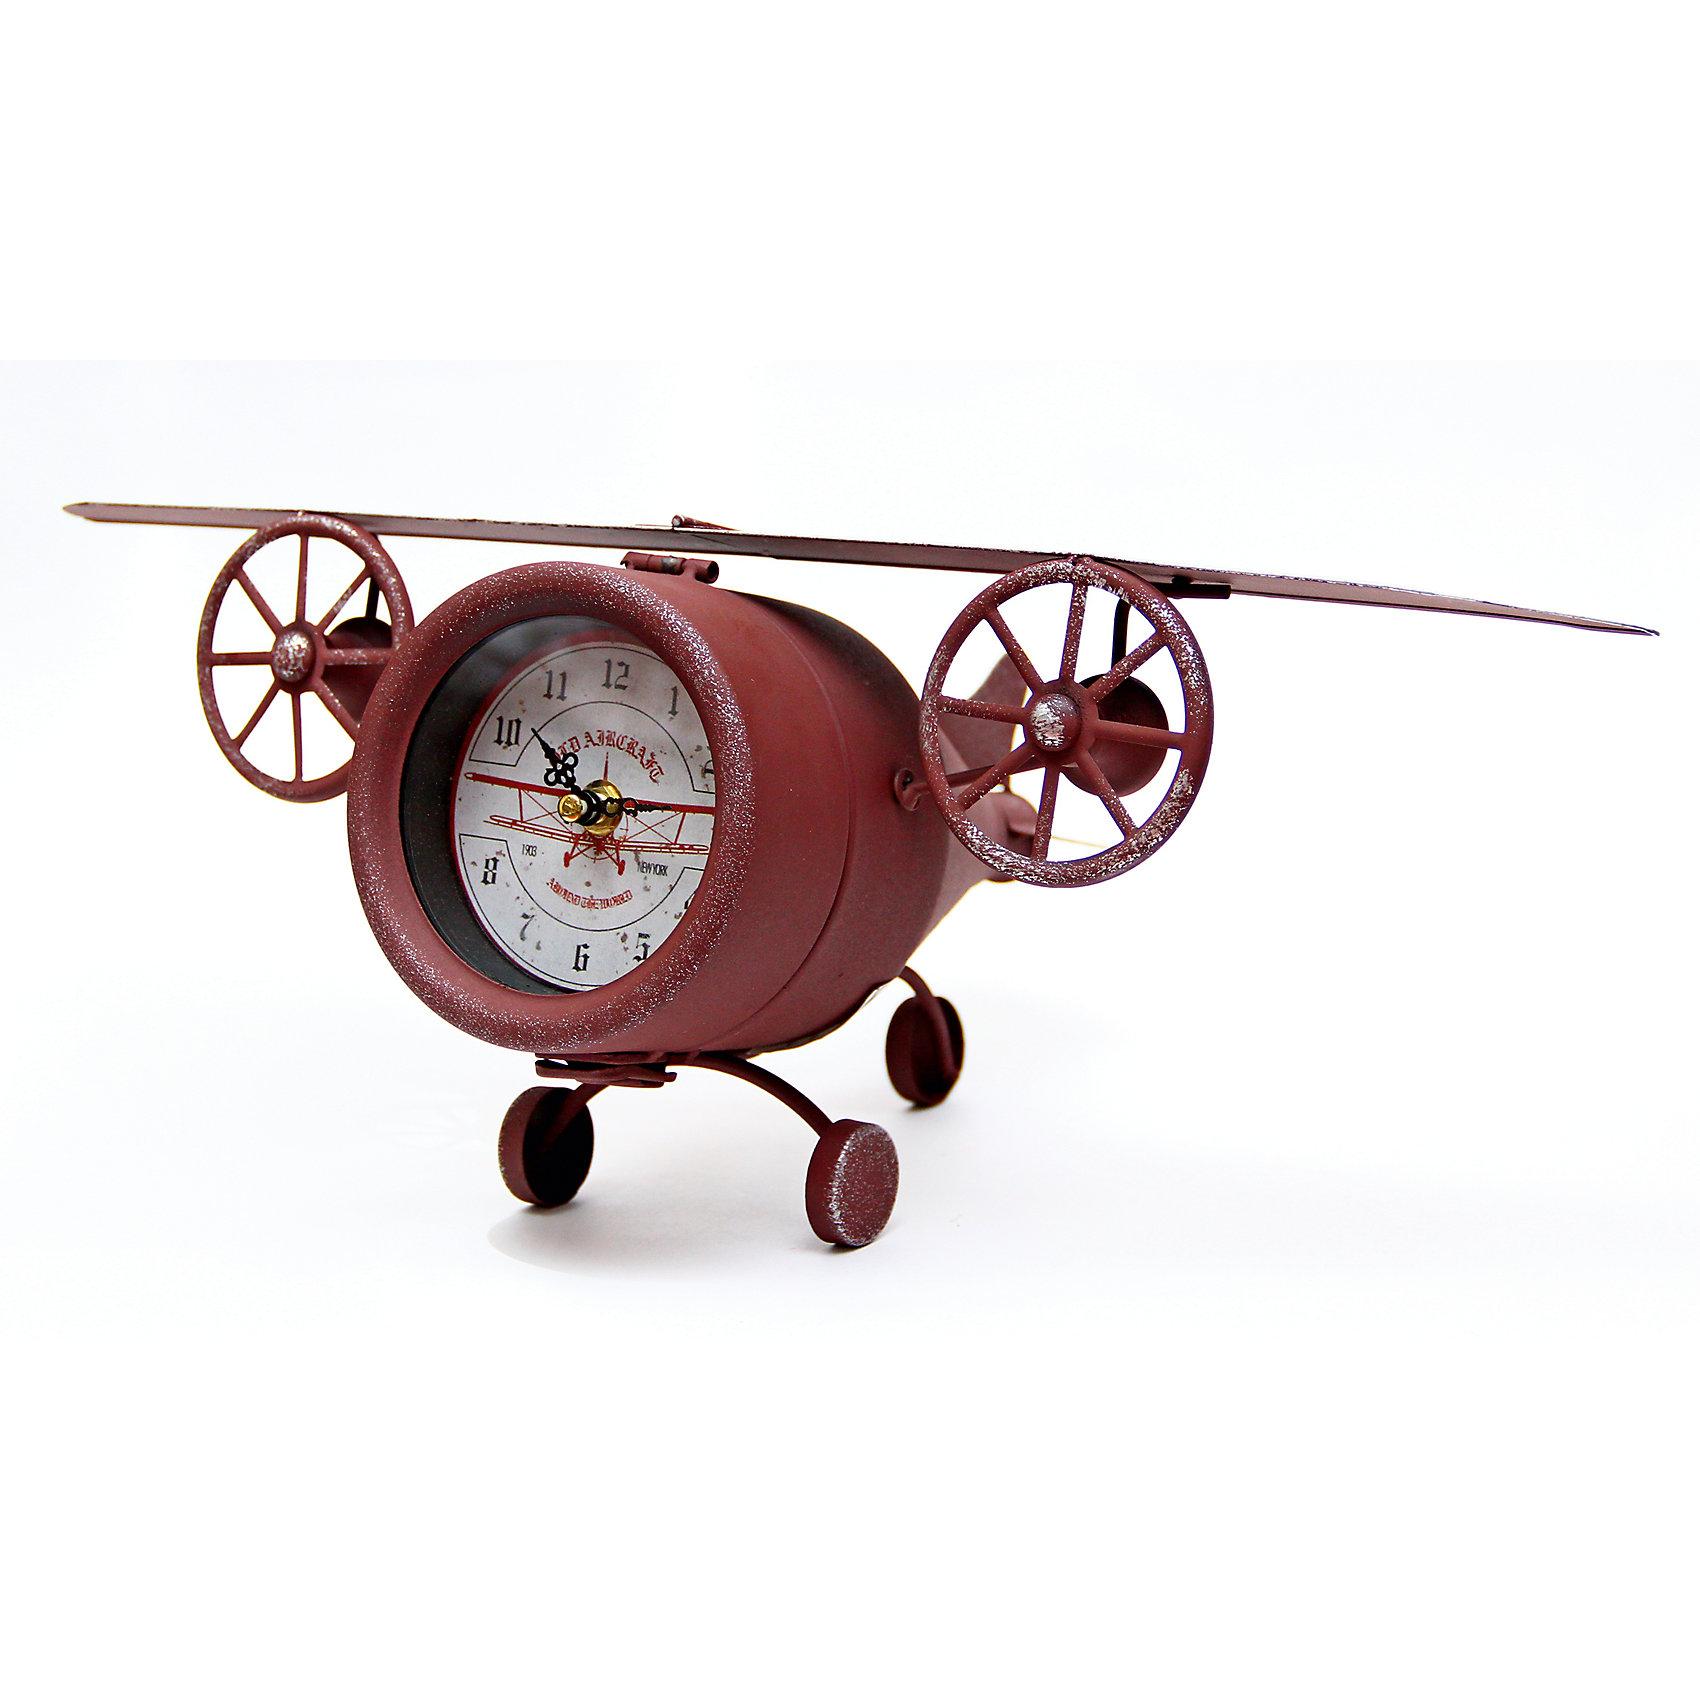 Часы Самолет настольные кварцевые, Феникс-ПрезентПредметы интерьера<br>Часы Самолет настольные кварцевые, Феникс-Презент<br><br>Характеристики:<br><br>• оригинальный дизайн в виде самолета<br>• тип часов: кварцевые<br>• размер: 48х25х14 см<br>• материал: металл<br>• материал циферблата: металл с покрытием из принтованной бумаги<br>• батарейки: АА - 1 шт. (не входит в комплект)<br><br>Настольные кварцевые часы в виде самолета станут отличным подарком ценителю оригинальных аксессуаров. Часы покажут точное время и сделают интерьер комнаты еще привлекательнее. Корпус изготовлен из металла, а циферблат дополнен покрытием из принтованной бумаги.<br><br>Часы Самолет настольные кварцевые, Феникс-Презент можно купить в нашем интернет-магазине.<br><br>Ширина мм: 480<br>Глубина мм: 250<br>Высота мм: 170<br>Вес г: 817<br>Возраст от месяцев: 120<br>Возраст до месяцев: 2147483647<br>Пол: Унисекс<br>Возраст: Детский<br>SKU: 5449710